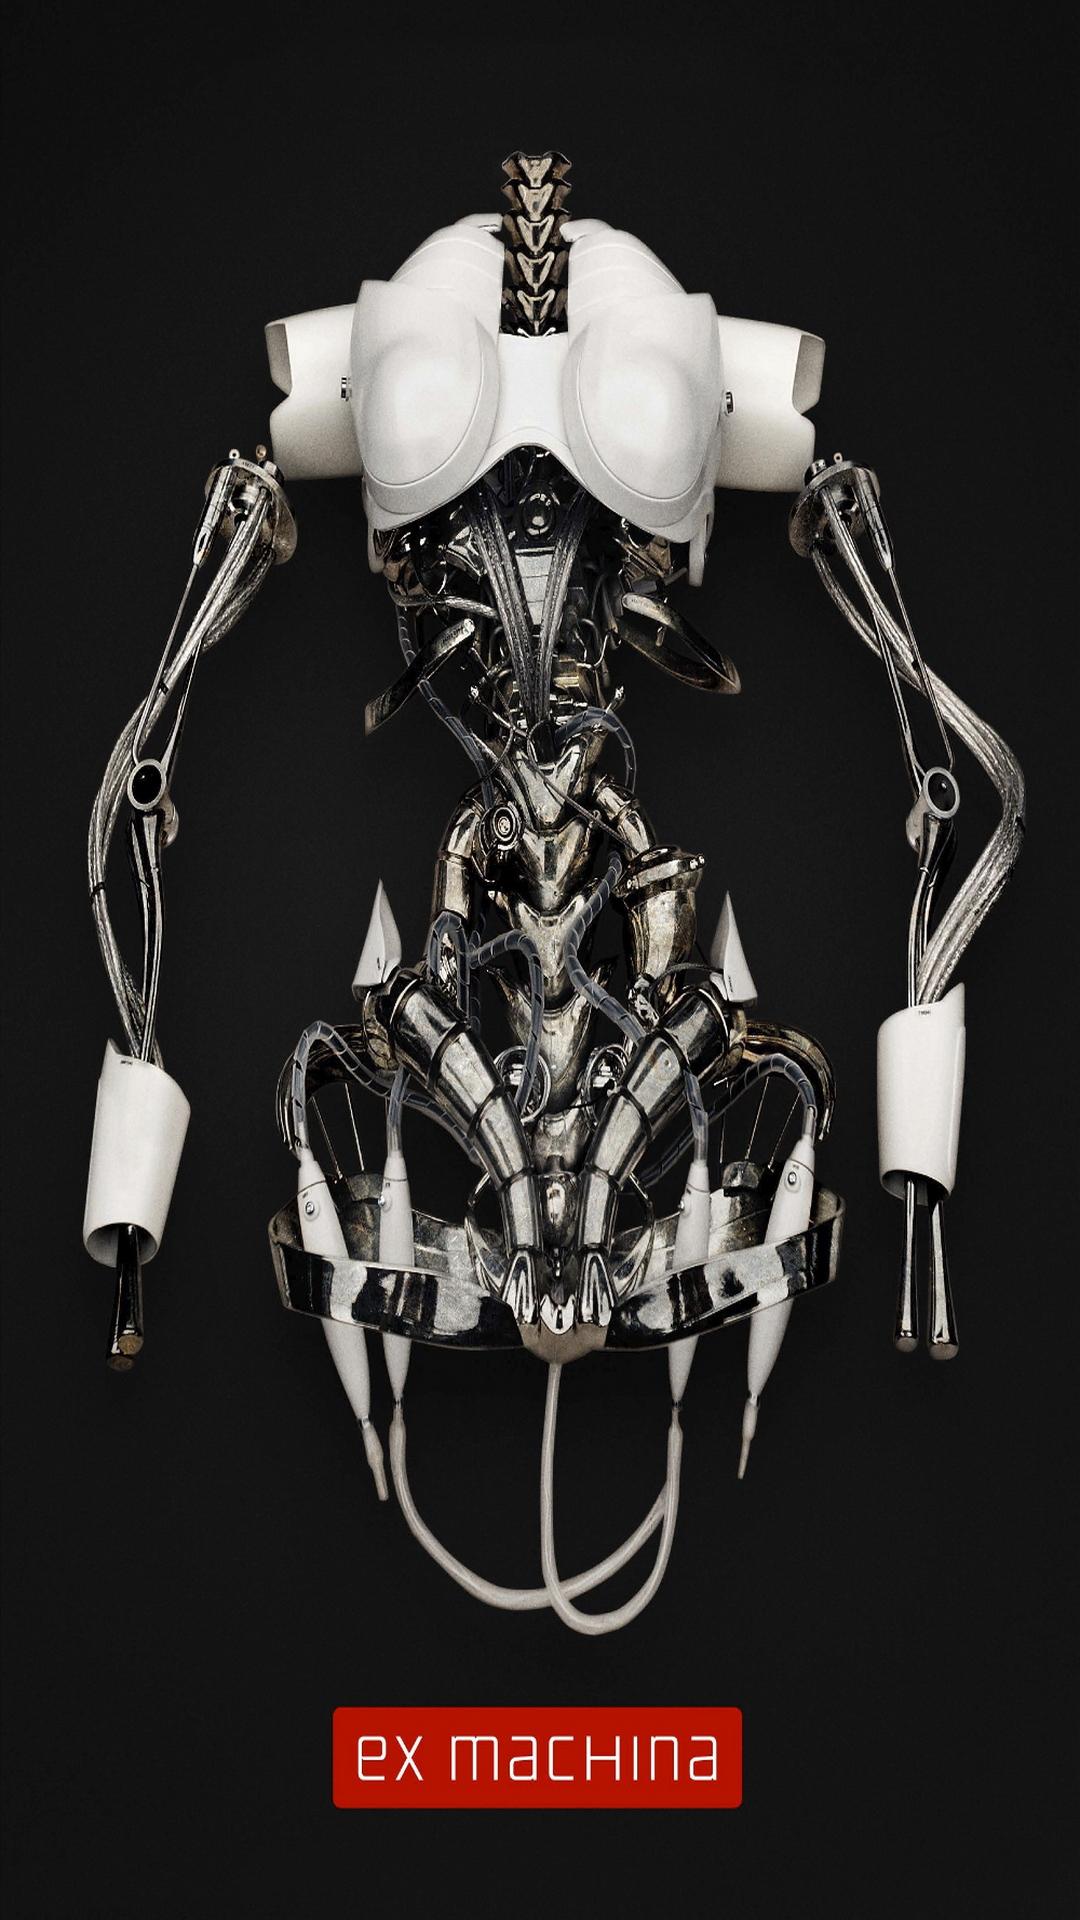 エクス マキナ映画ポスターロボットスケルトンiphone 8 Plus Android